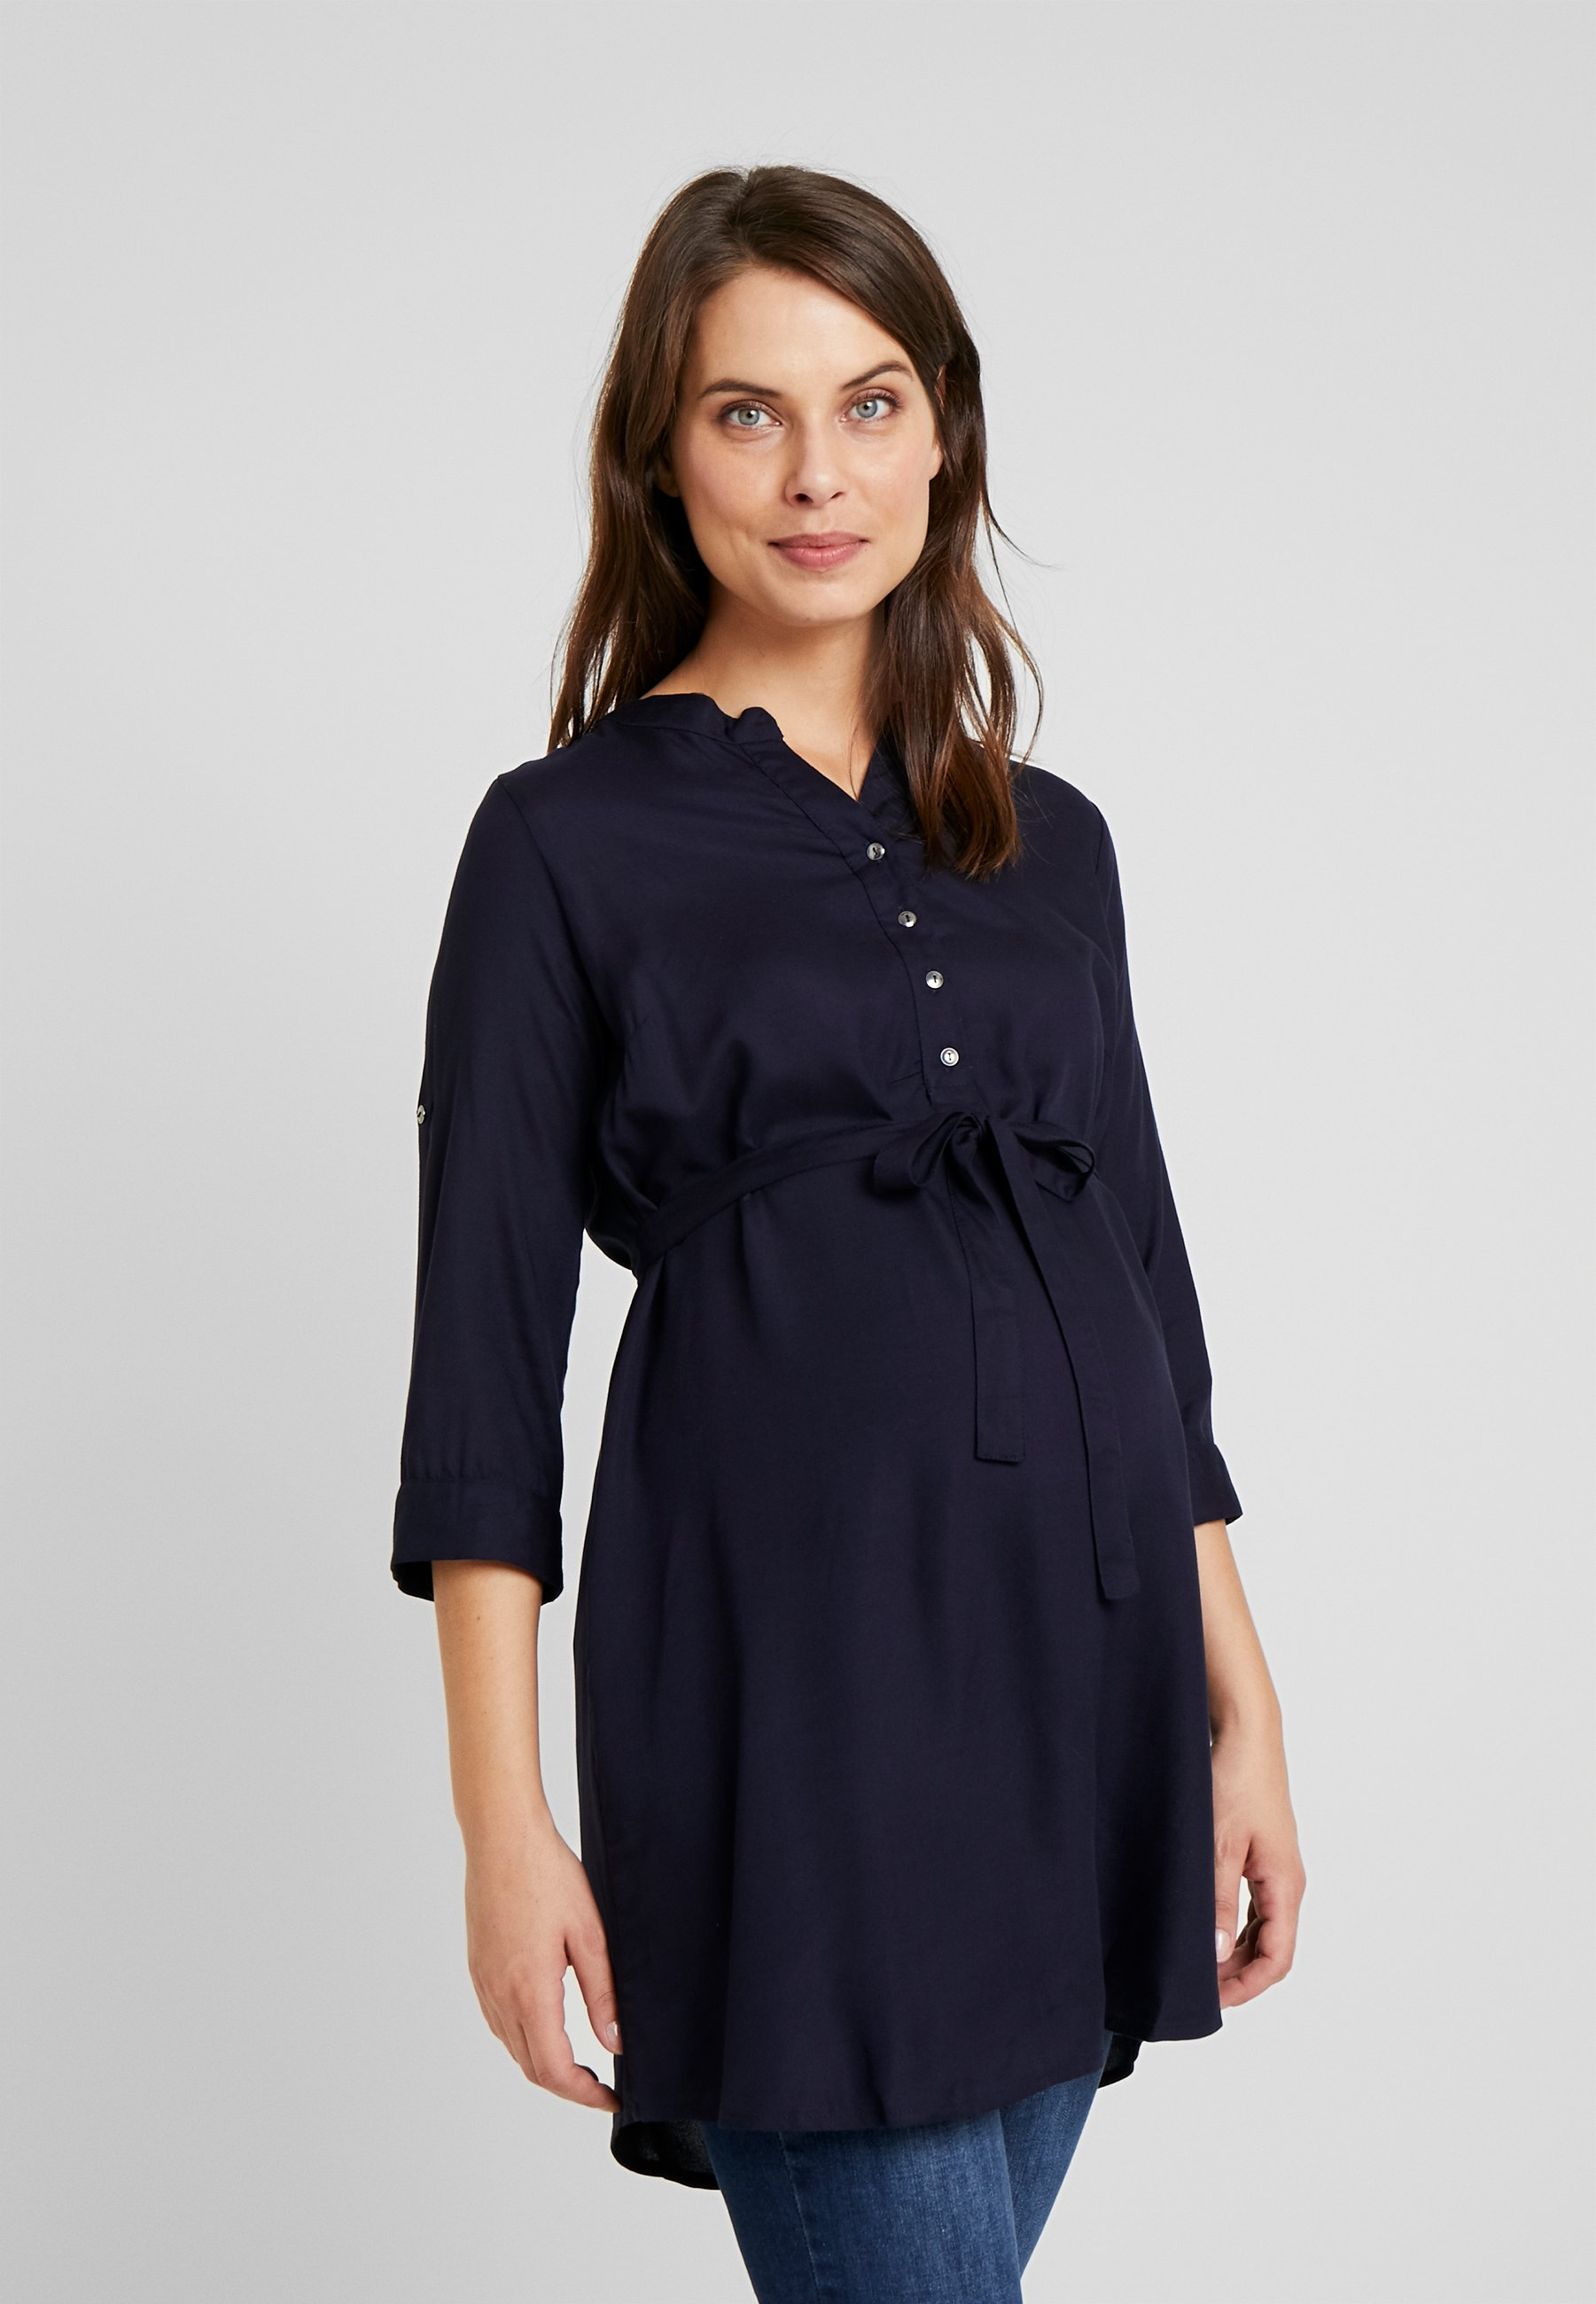 MAMALICIOUS MLMERCY - Camicetta - navy blazer - Abbigliamento da donna Perfetto